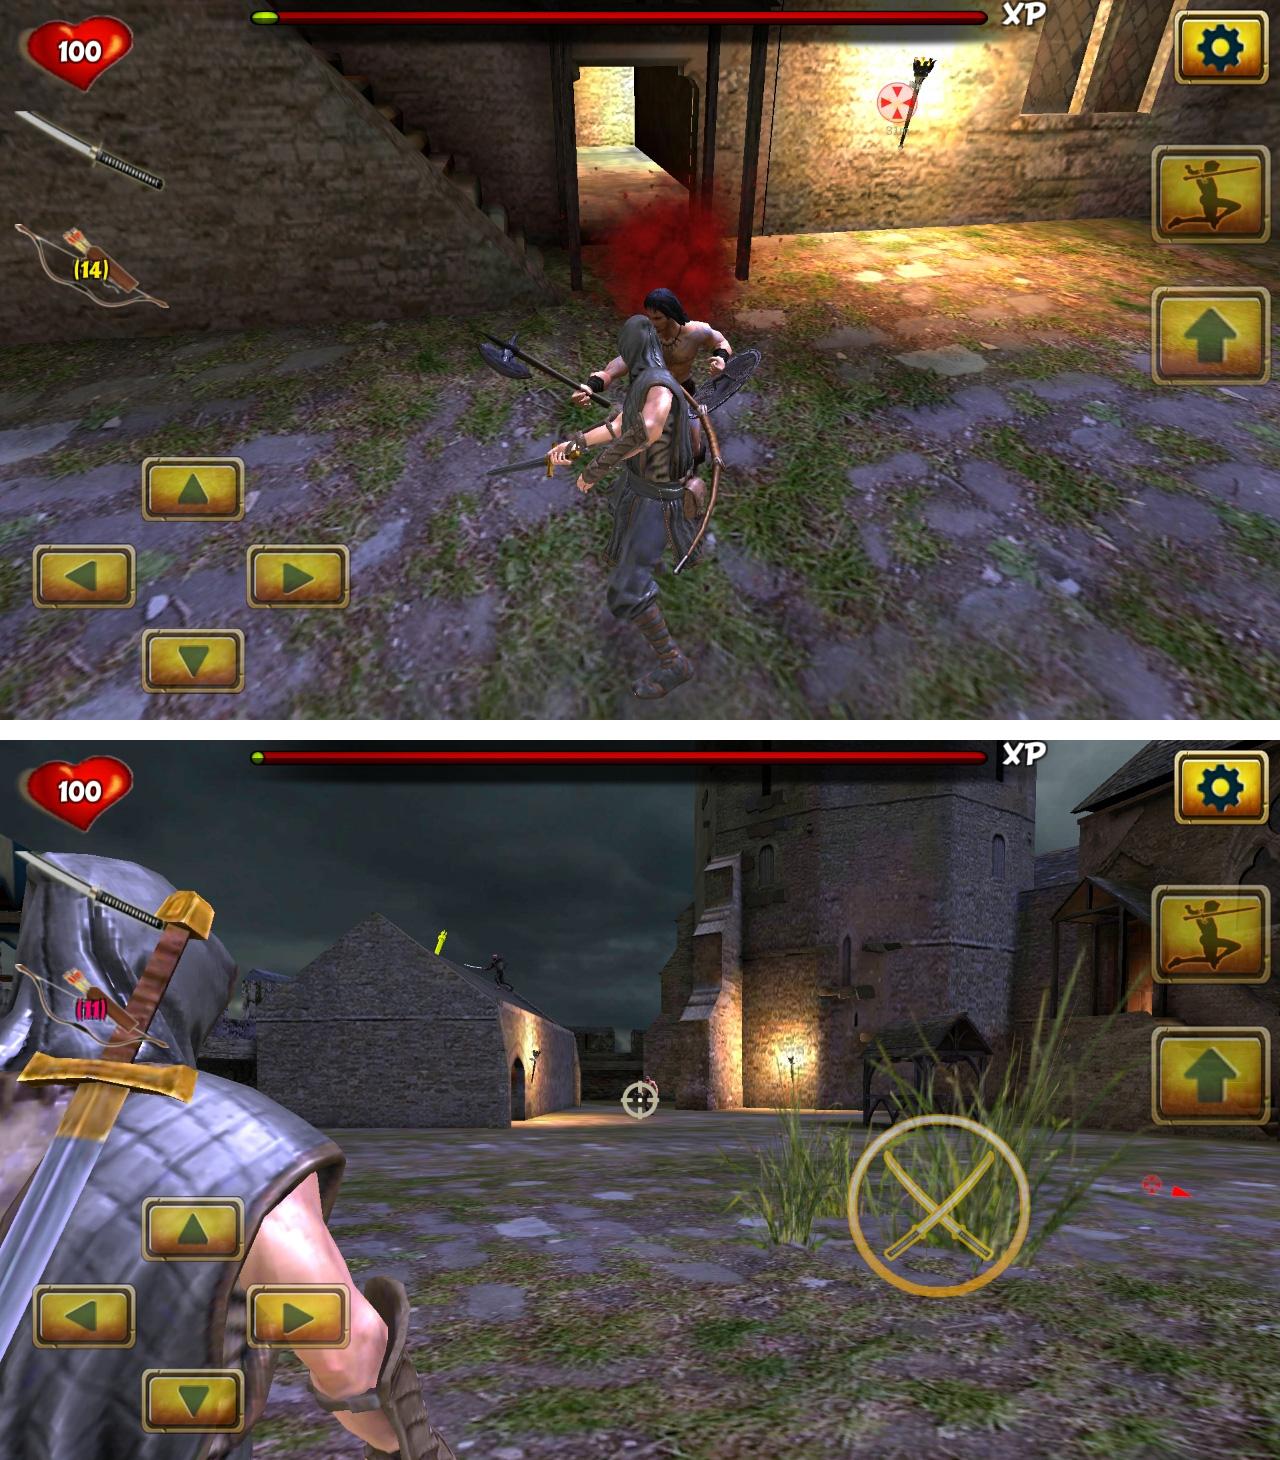 ニンジャ サムライ アサシンヒーロー2(Ninja Samurai Assassin Hero II) androidアプリスクリーンショット1